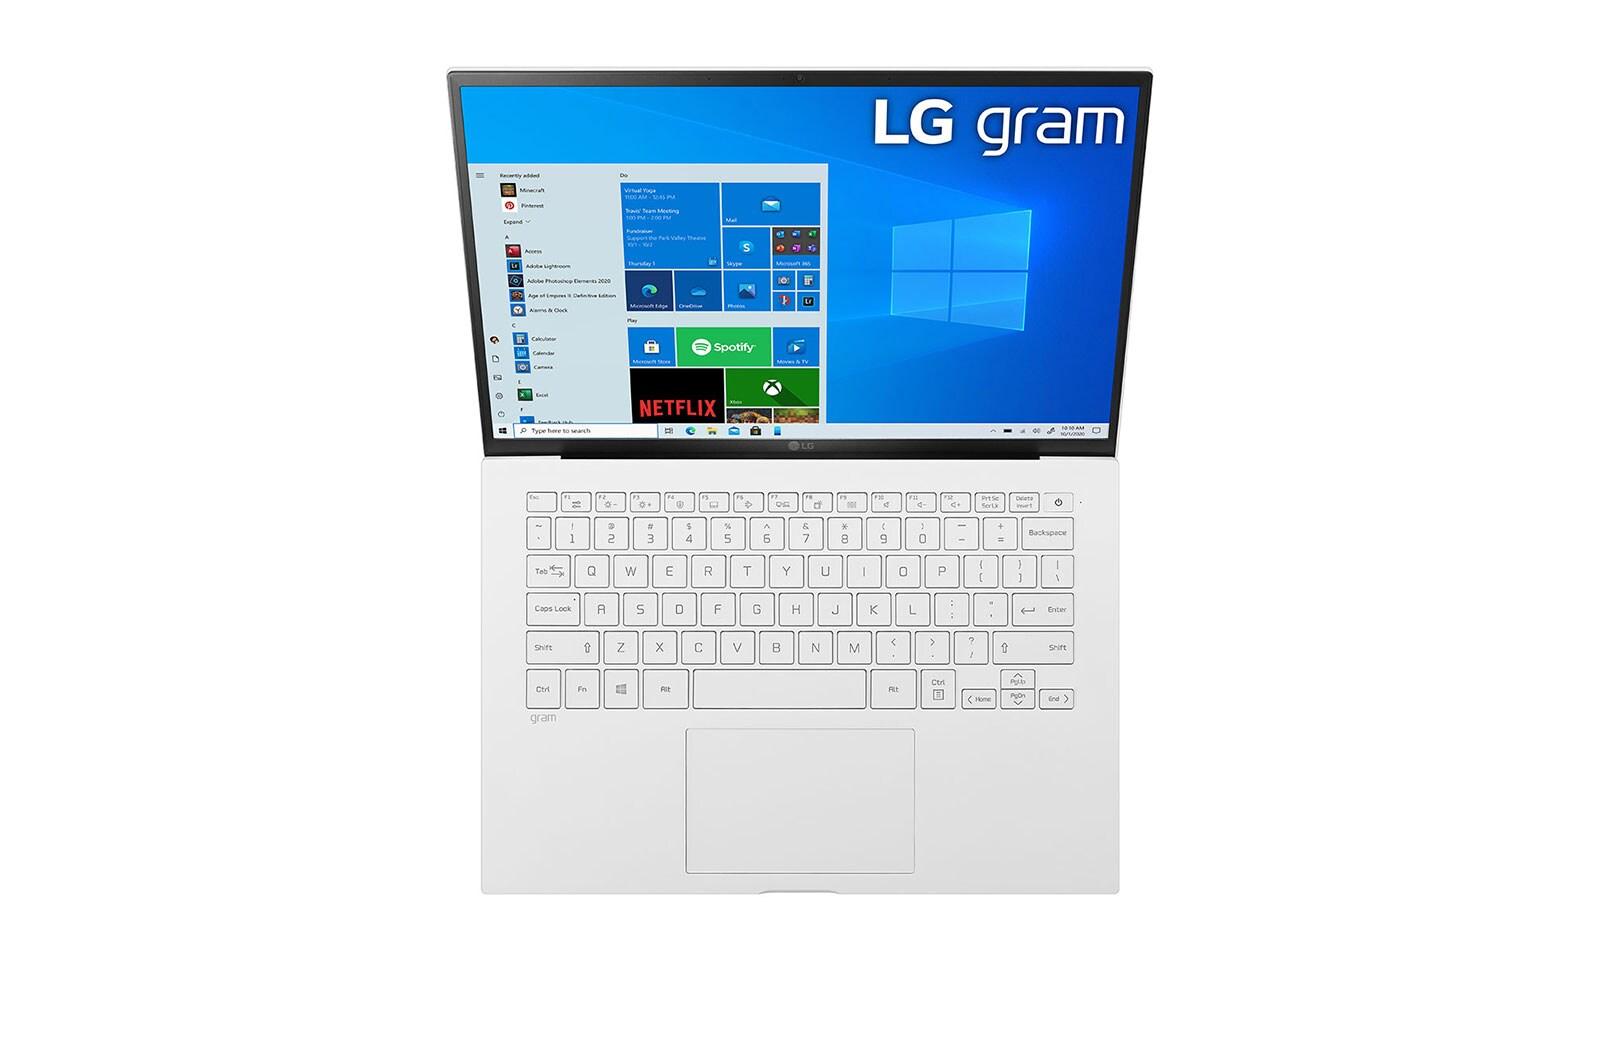 LG Laptop LG gram 14'', Intel® Core™ i5 Gen11, 8GB, 256GB, 16:10, Hình ảnh phía trên và nắp mở, 14ZD90P-G.AX51A5